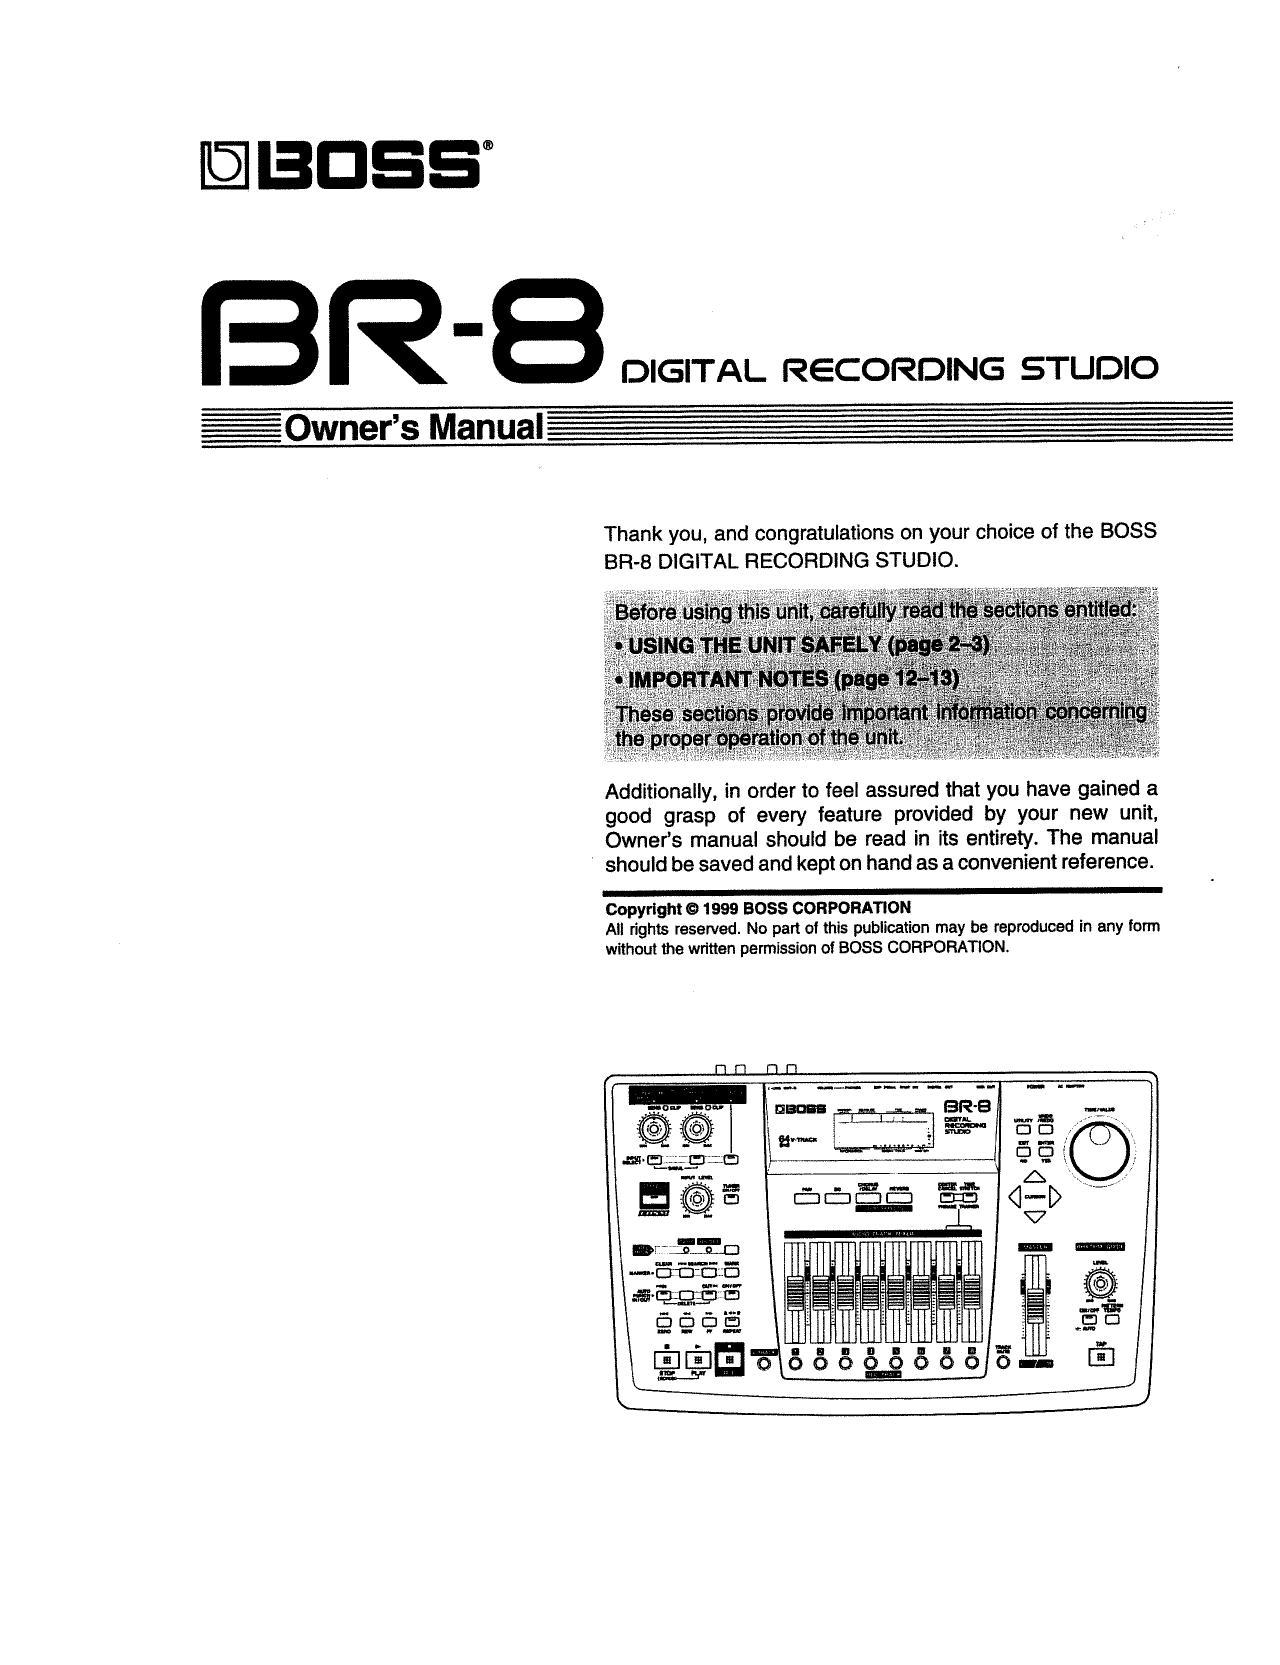 pdf for Owi Speaker BR8 manual